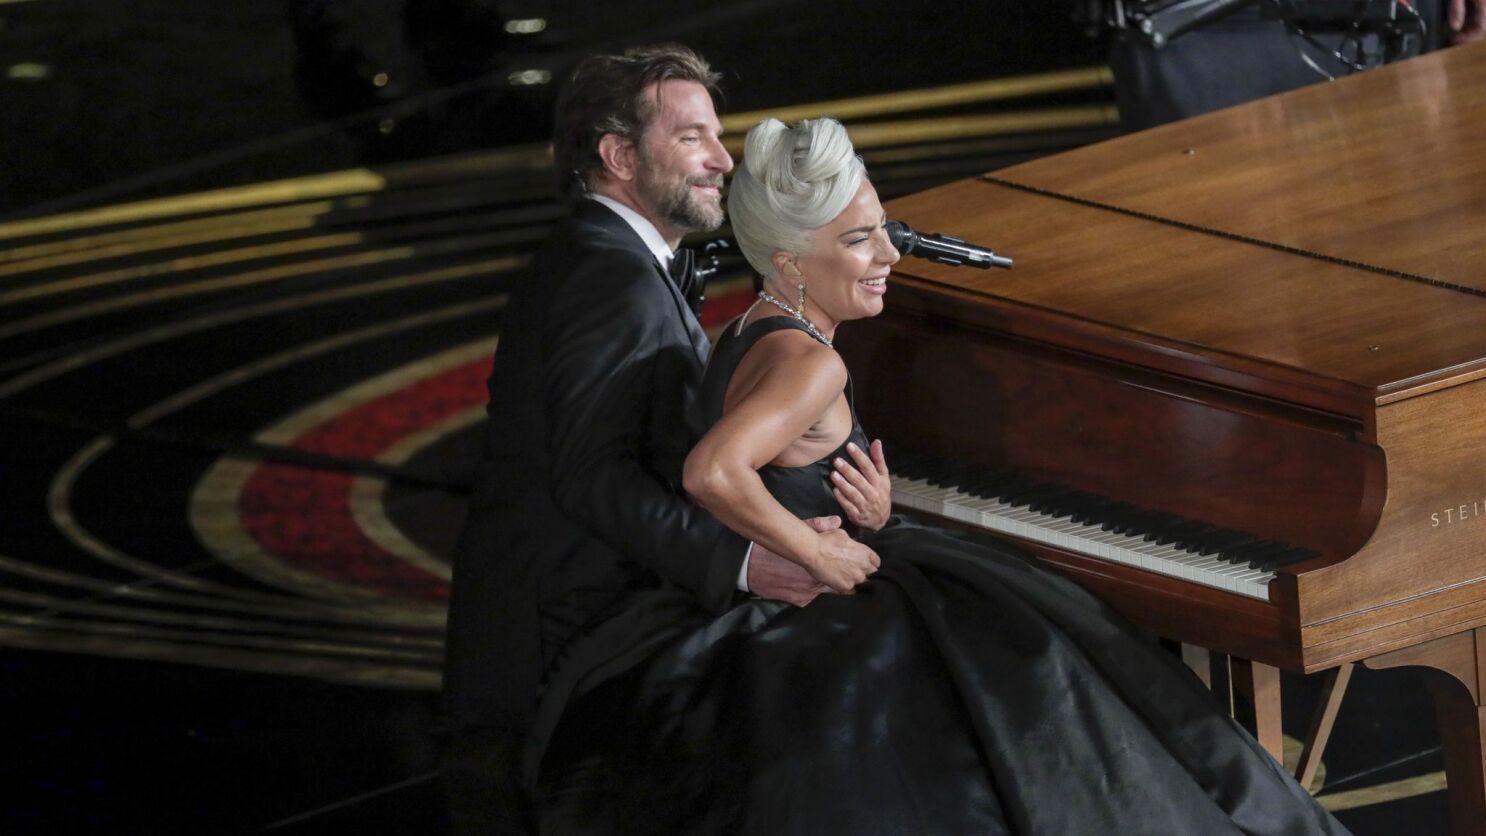 Cooper lady bradley gaga dating Lady Gaga